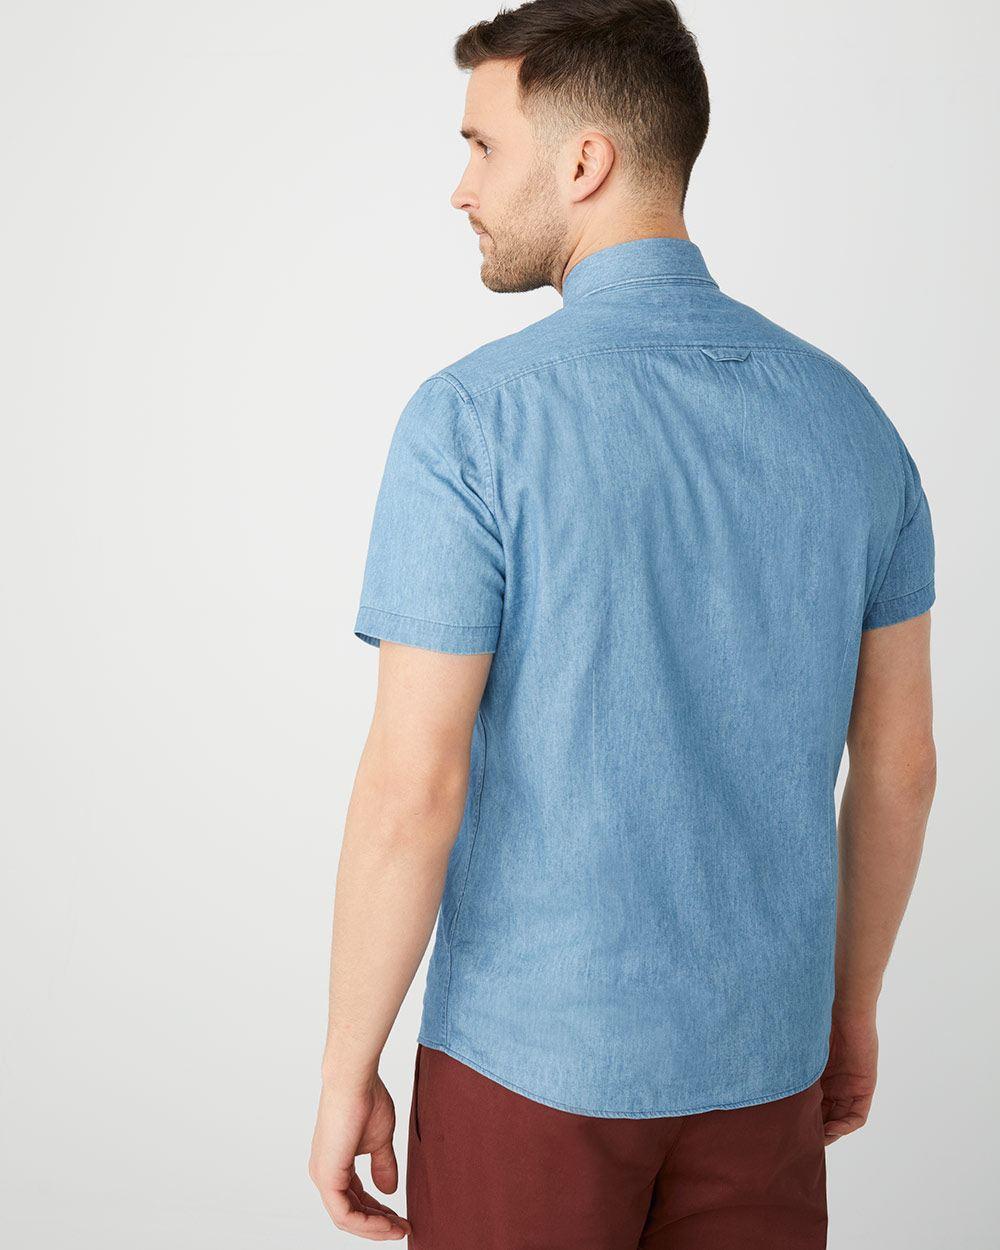 e0a89290b5 Tailored Fit Short sleeve denim shirt